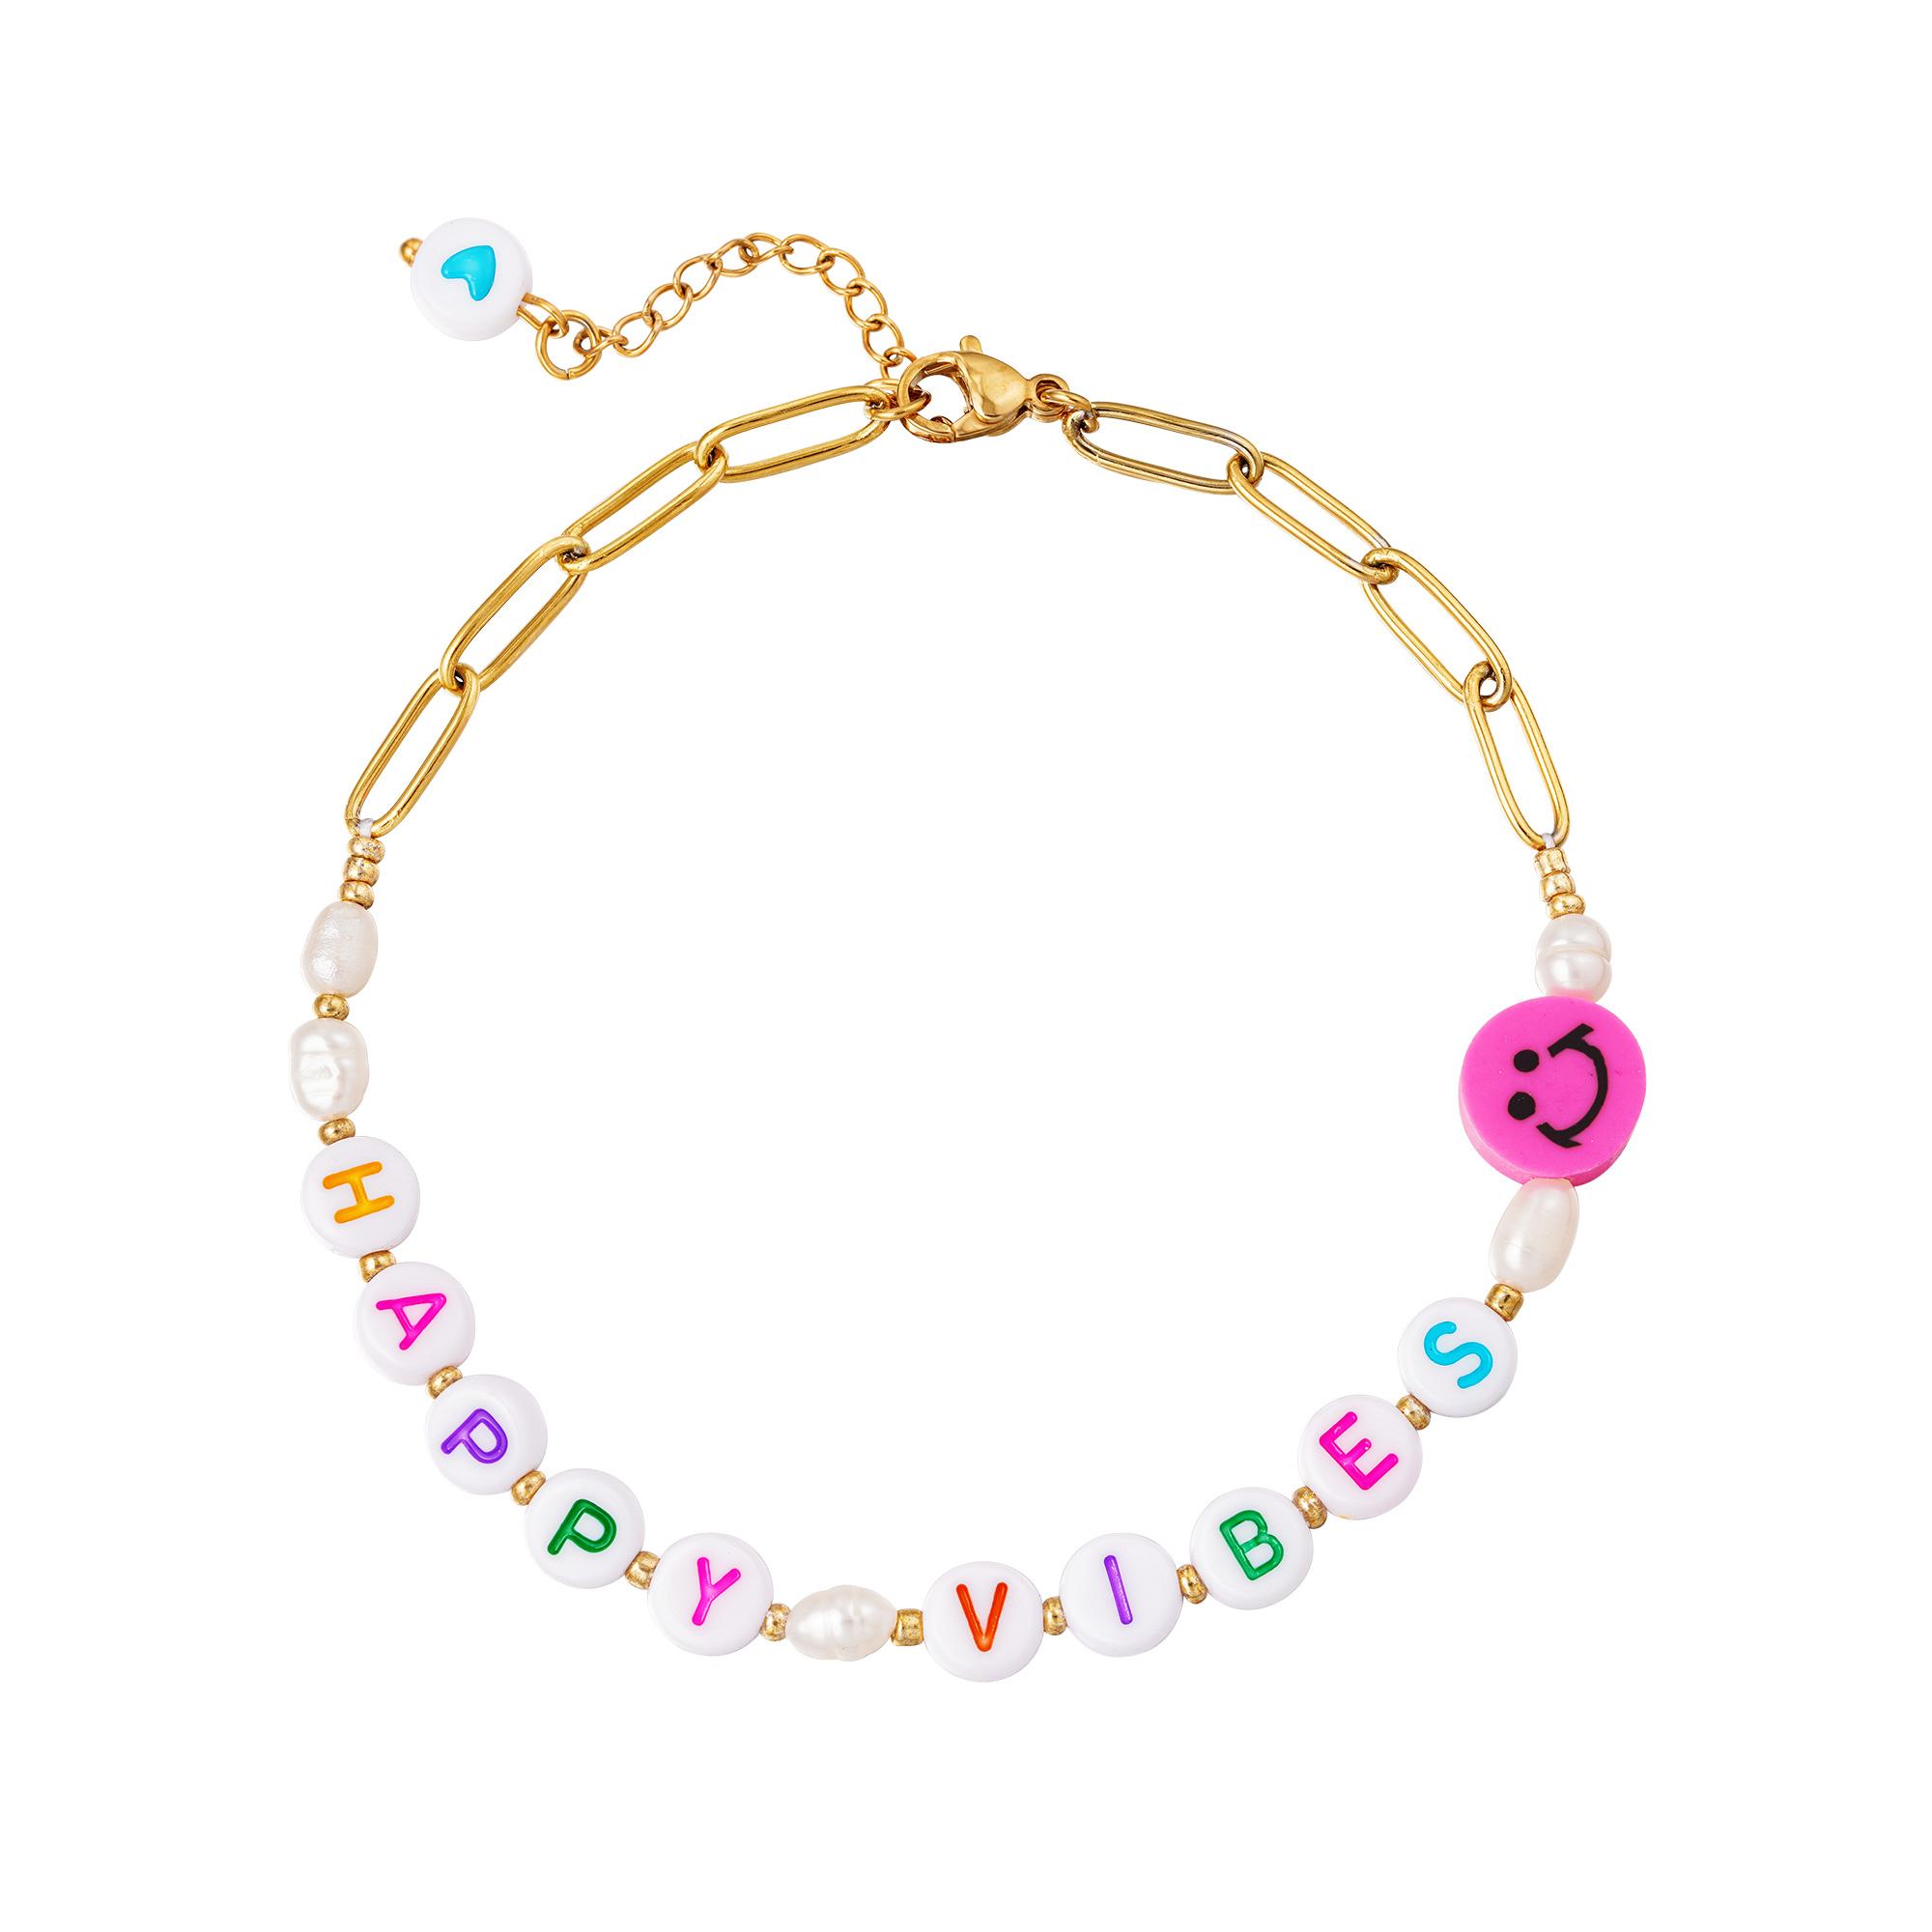 RVS Enkelbandje Happy Vibes gouden dames schakel enkelbandjes enkelband plastic letter blokjes bedel sieraden necklages kopen bestellen festival yehwang